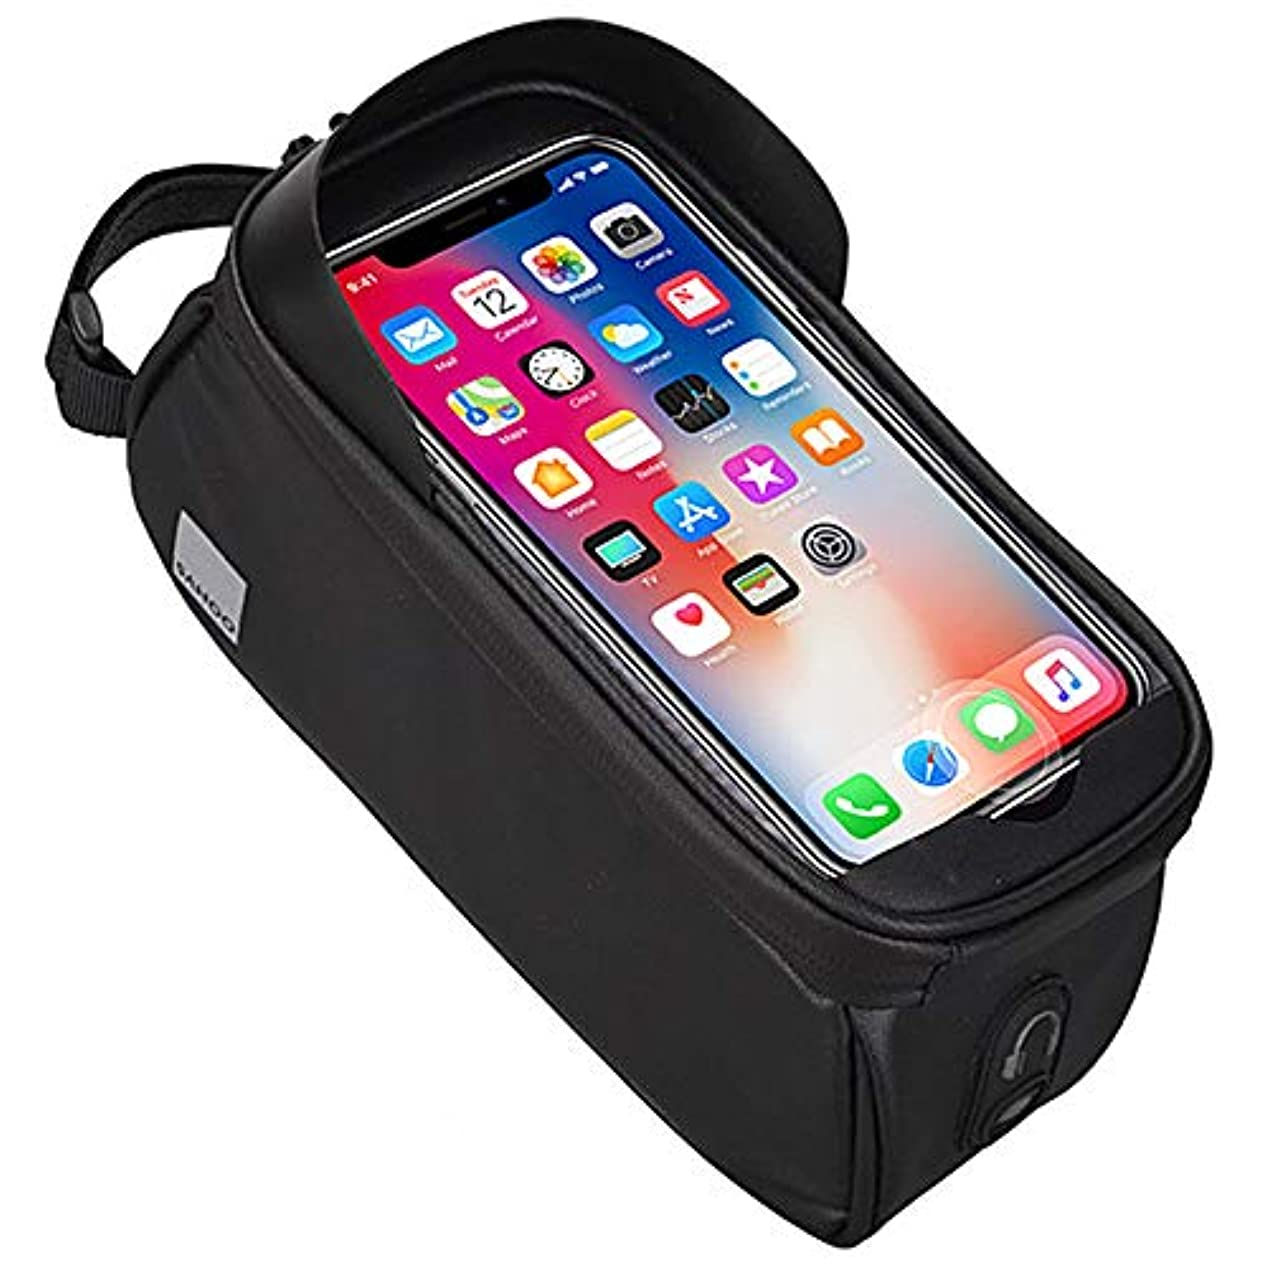 その他合法優しい防水携帯電話自転車フレームバッグ反射ストリップHD TPUタッチフィルム屋外バイクサイクリングハンドルバッグライディングキッÈ